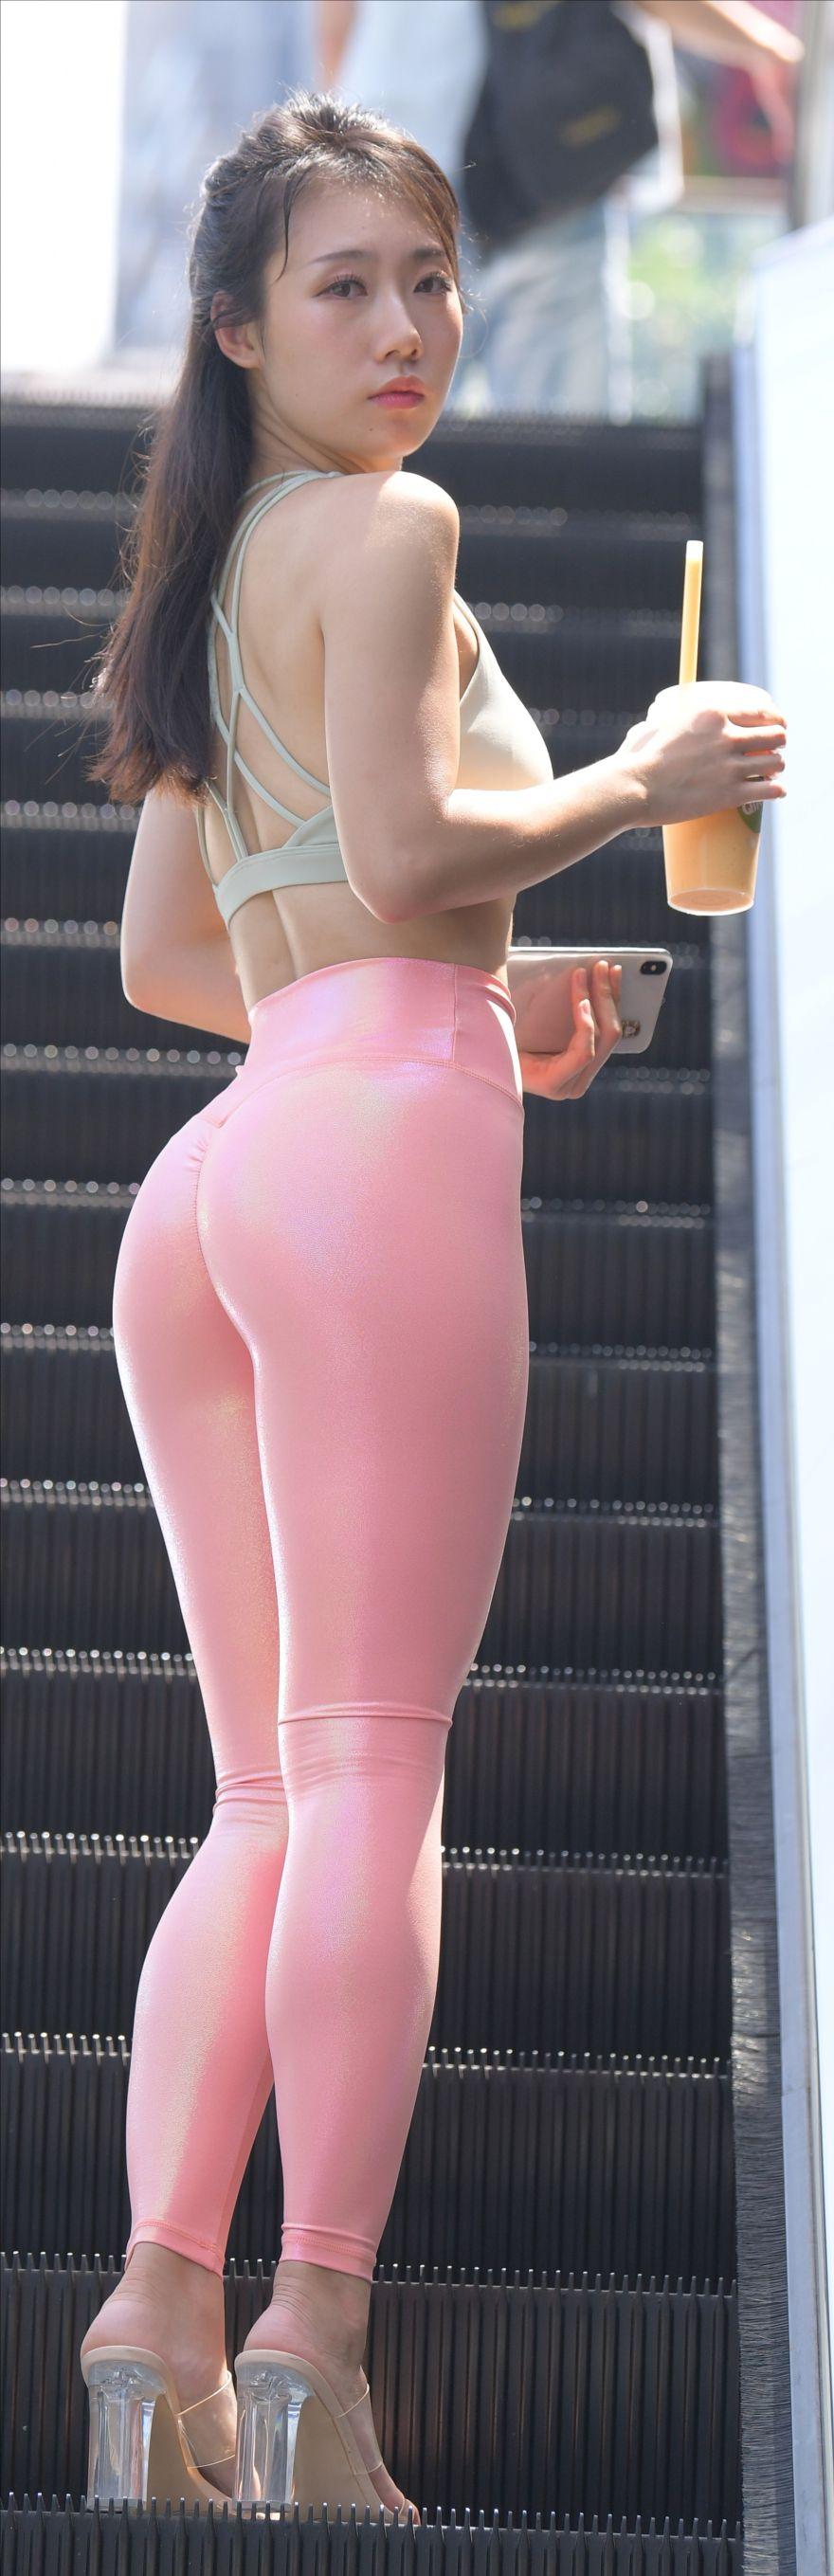 粉亮紧身瑜伽裤